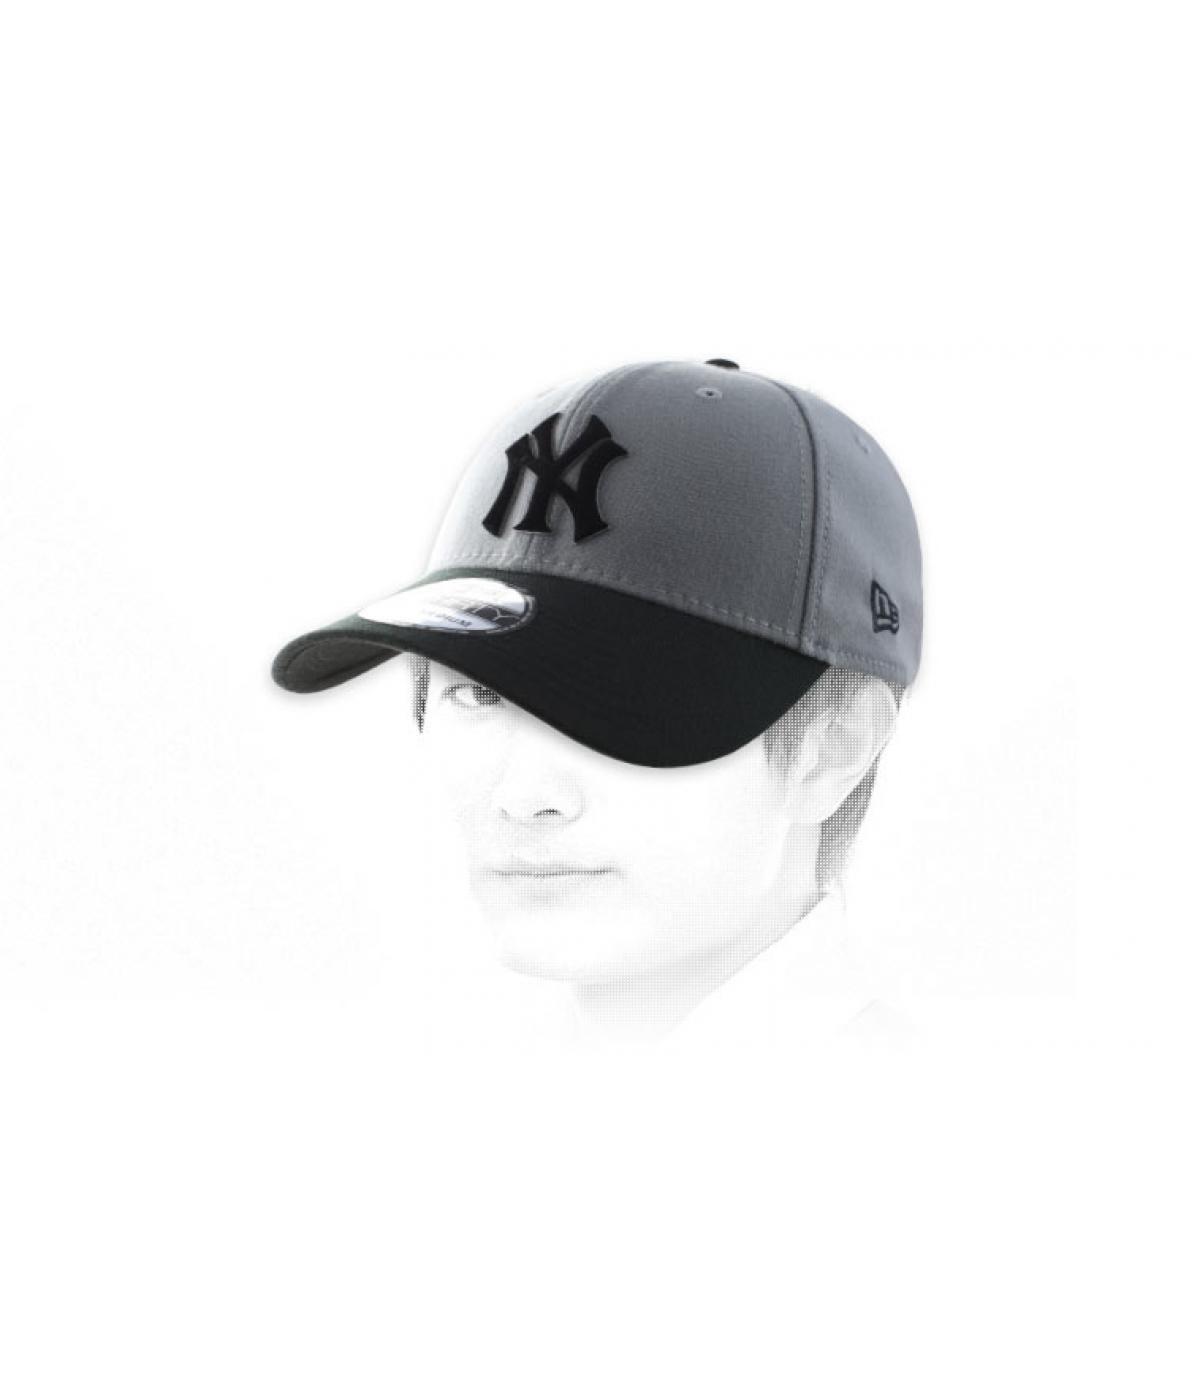 casquette NY grise noire